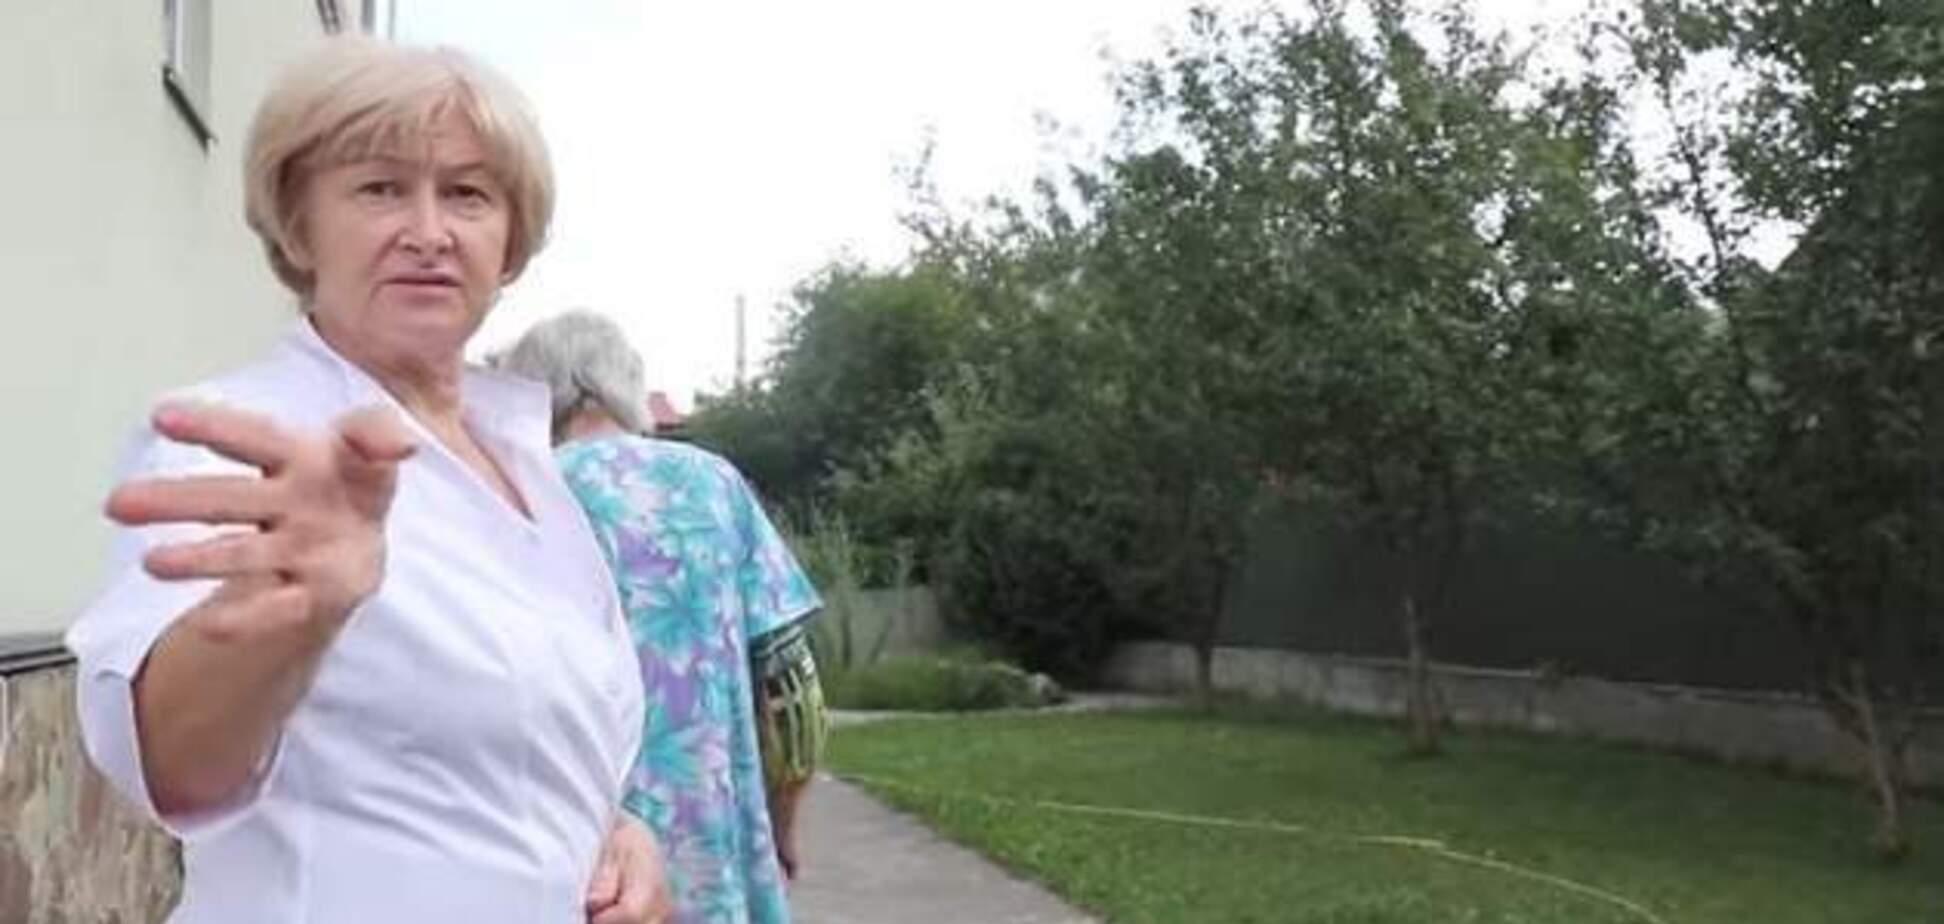 Вивозять трупи: в Києві виявили нелегальний будинок престарілих